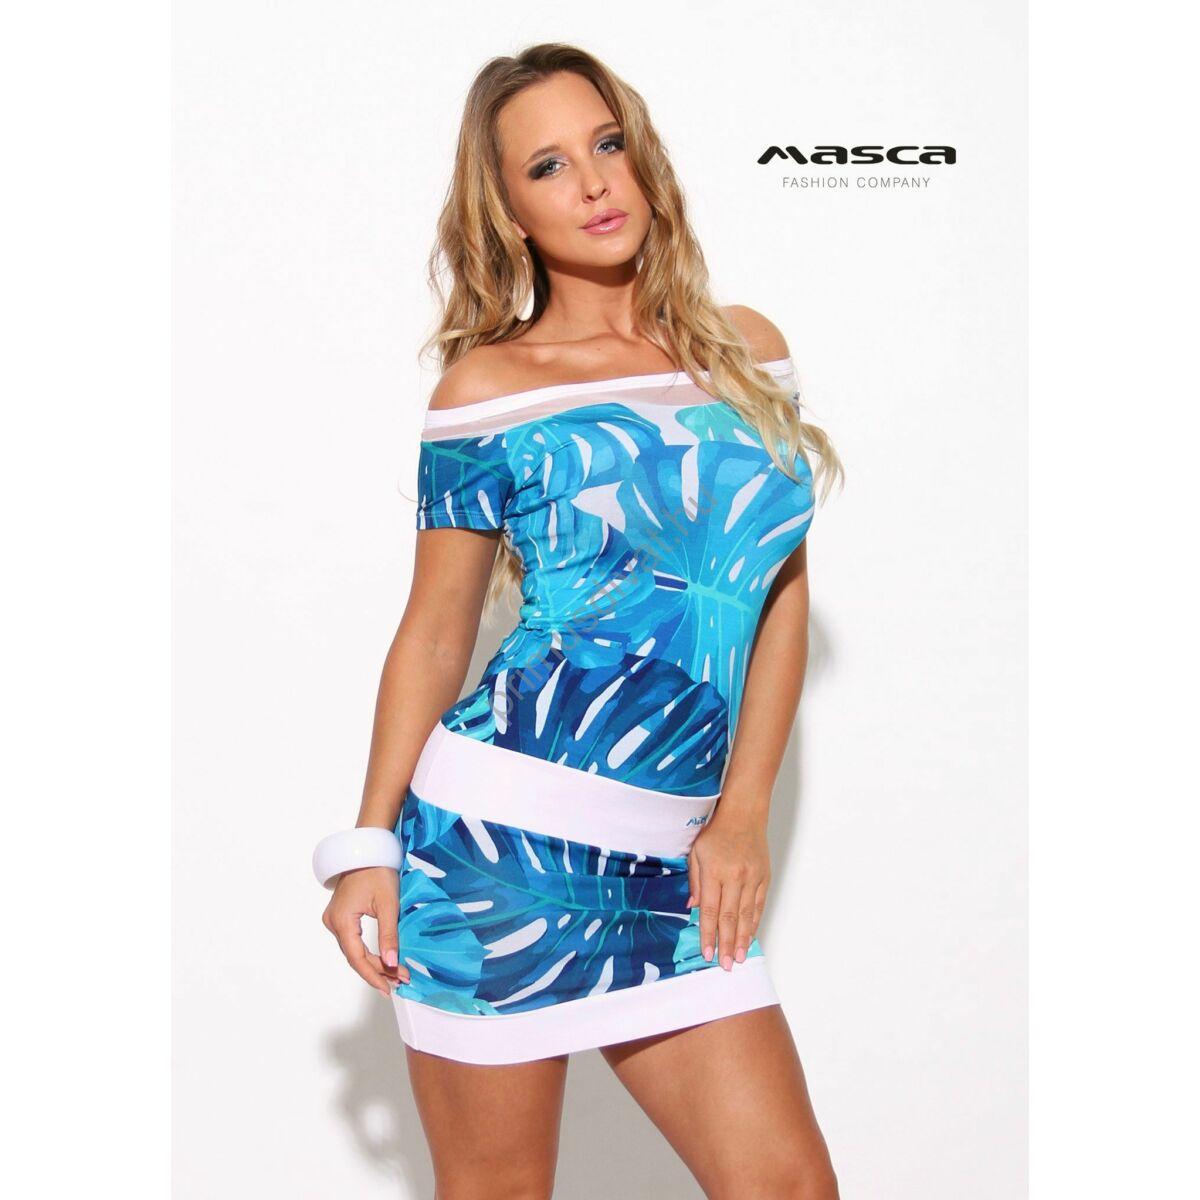 7200c4708def Kép 1/1 - Masca Fashion muszlin betétes vállra húzható csónaknyakú, kék  filodendron mintás szűk rövid ujjú miniruha